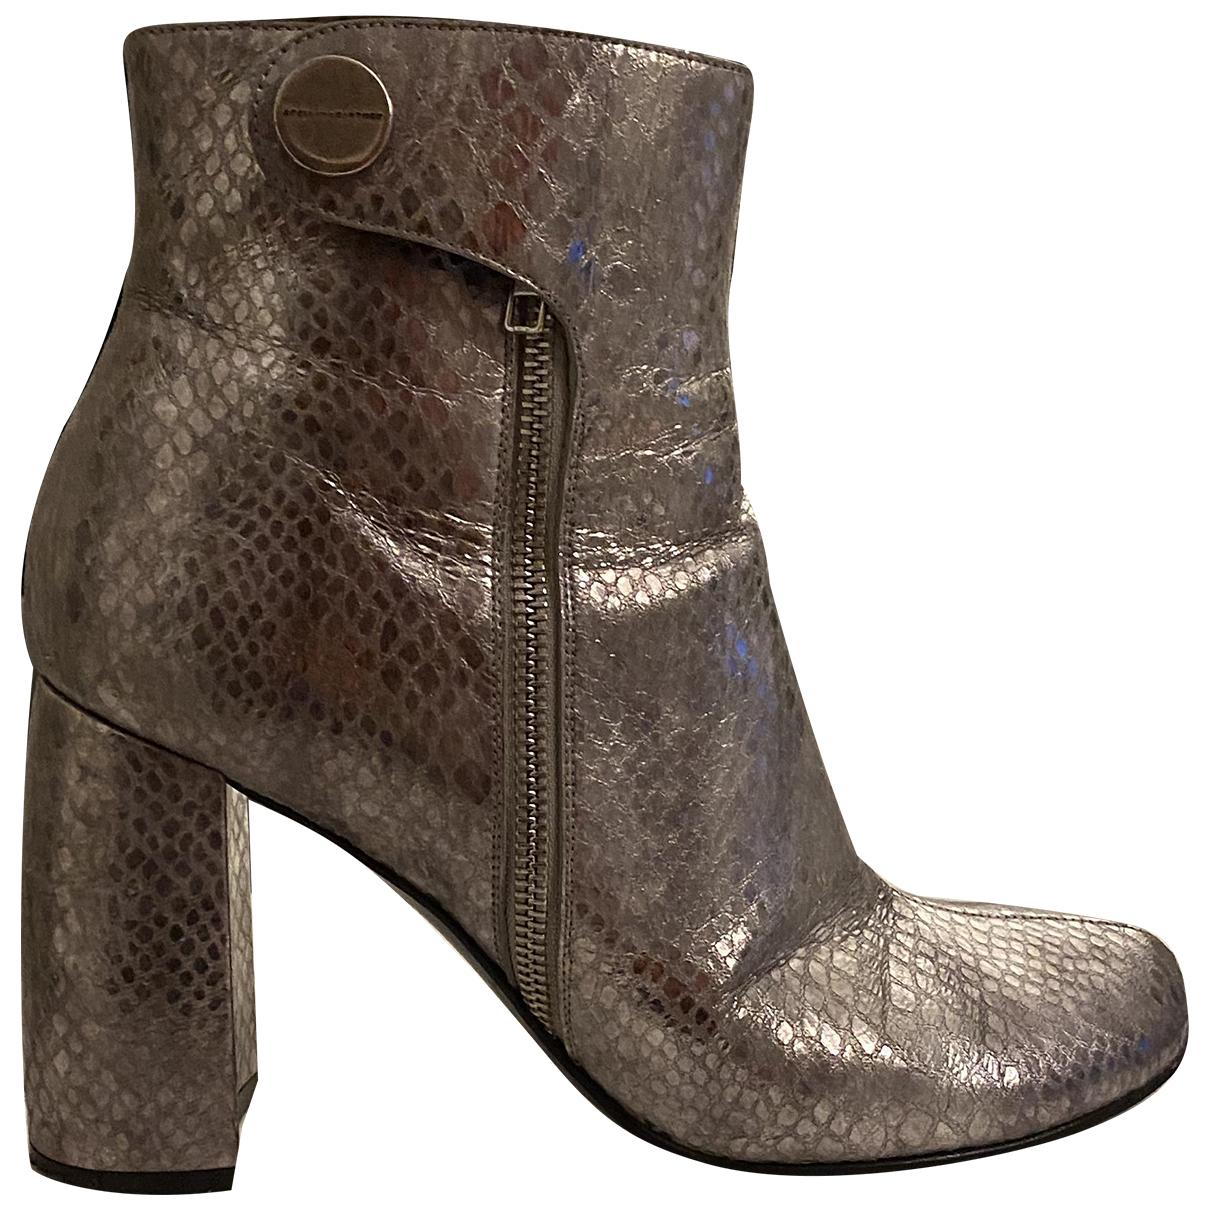 Stella Mccartney - Boots   pour femme en cuir - argente